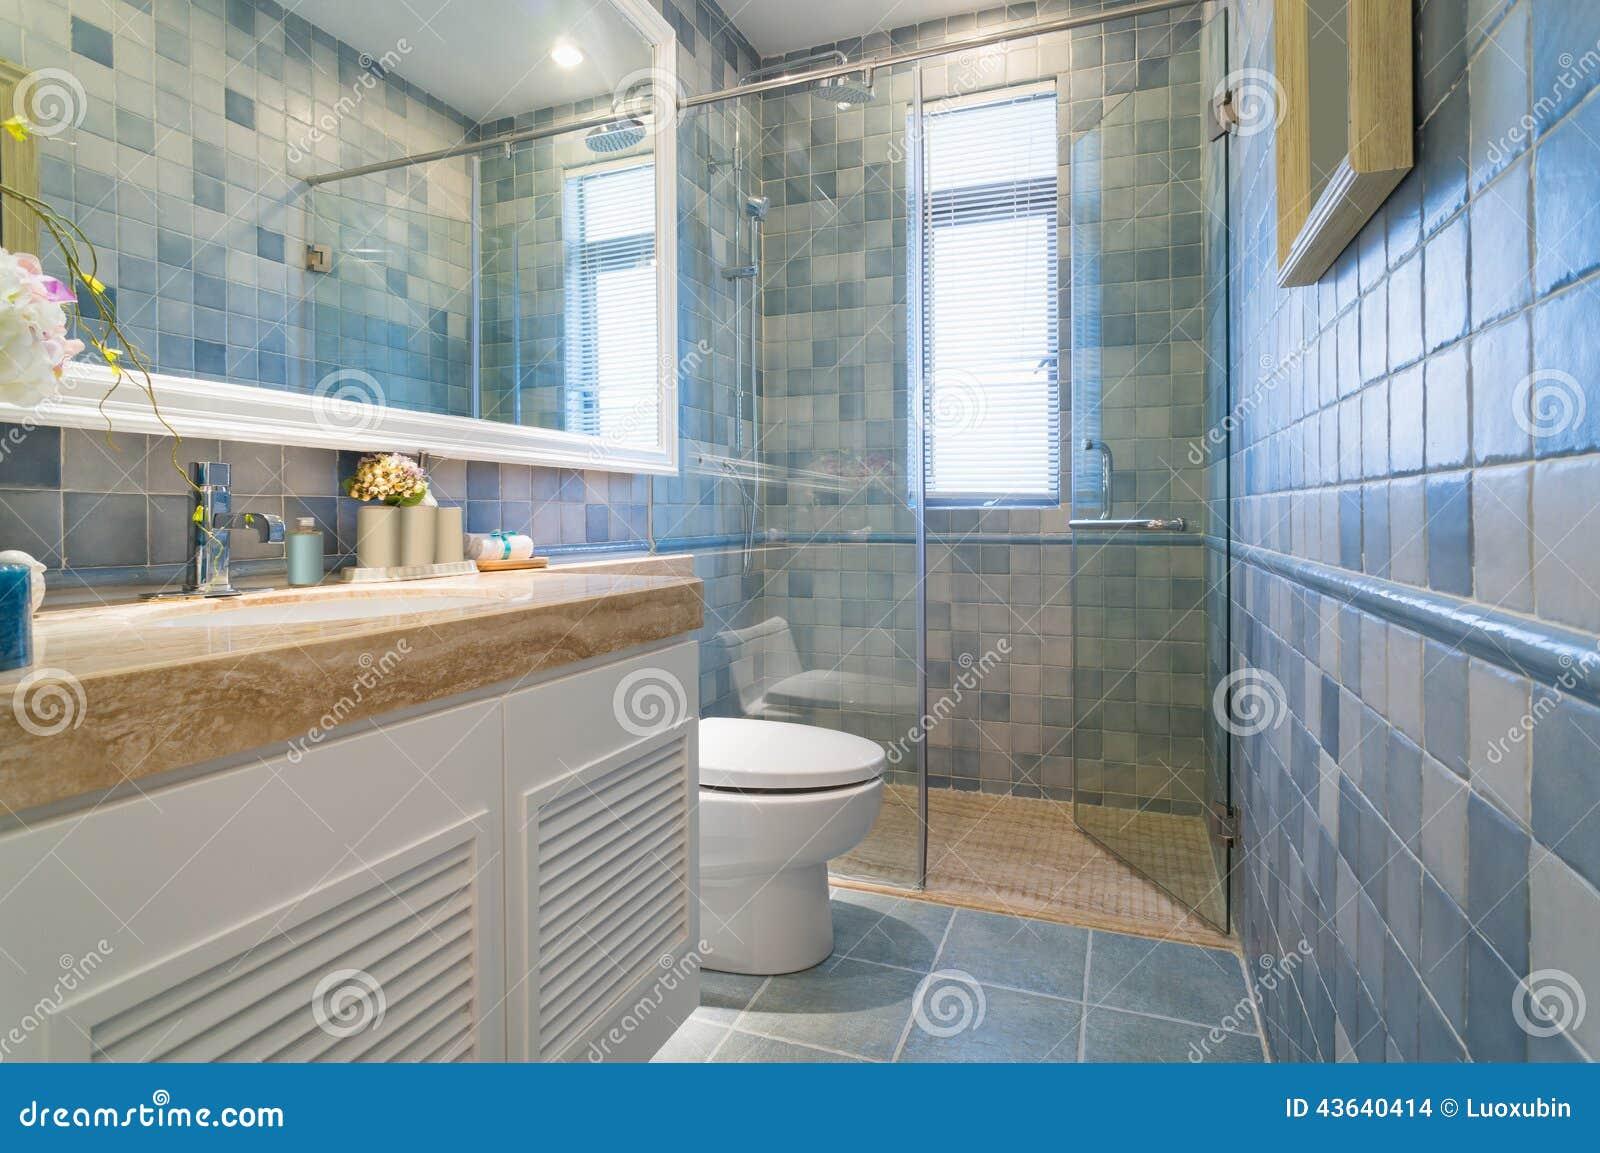 Modernes Badezimmer stockfoto. Bild von keramik, muster - 43640414